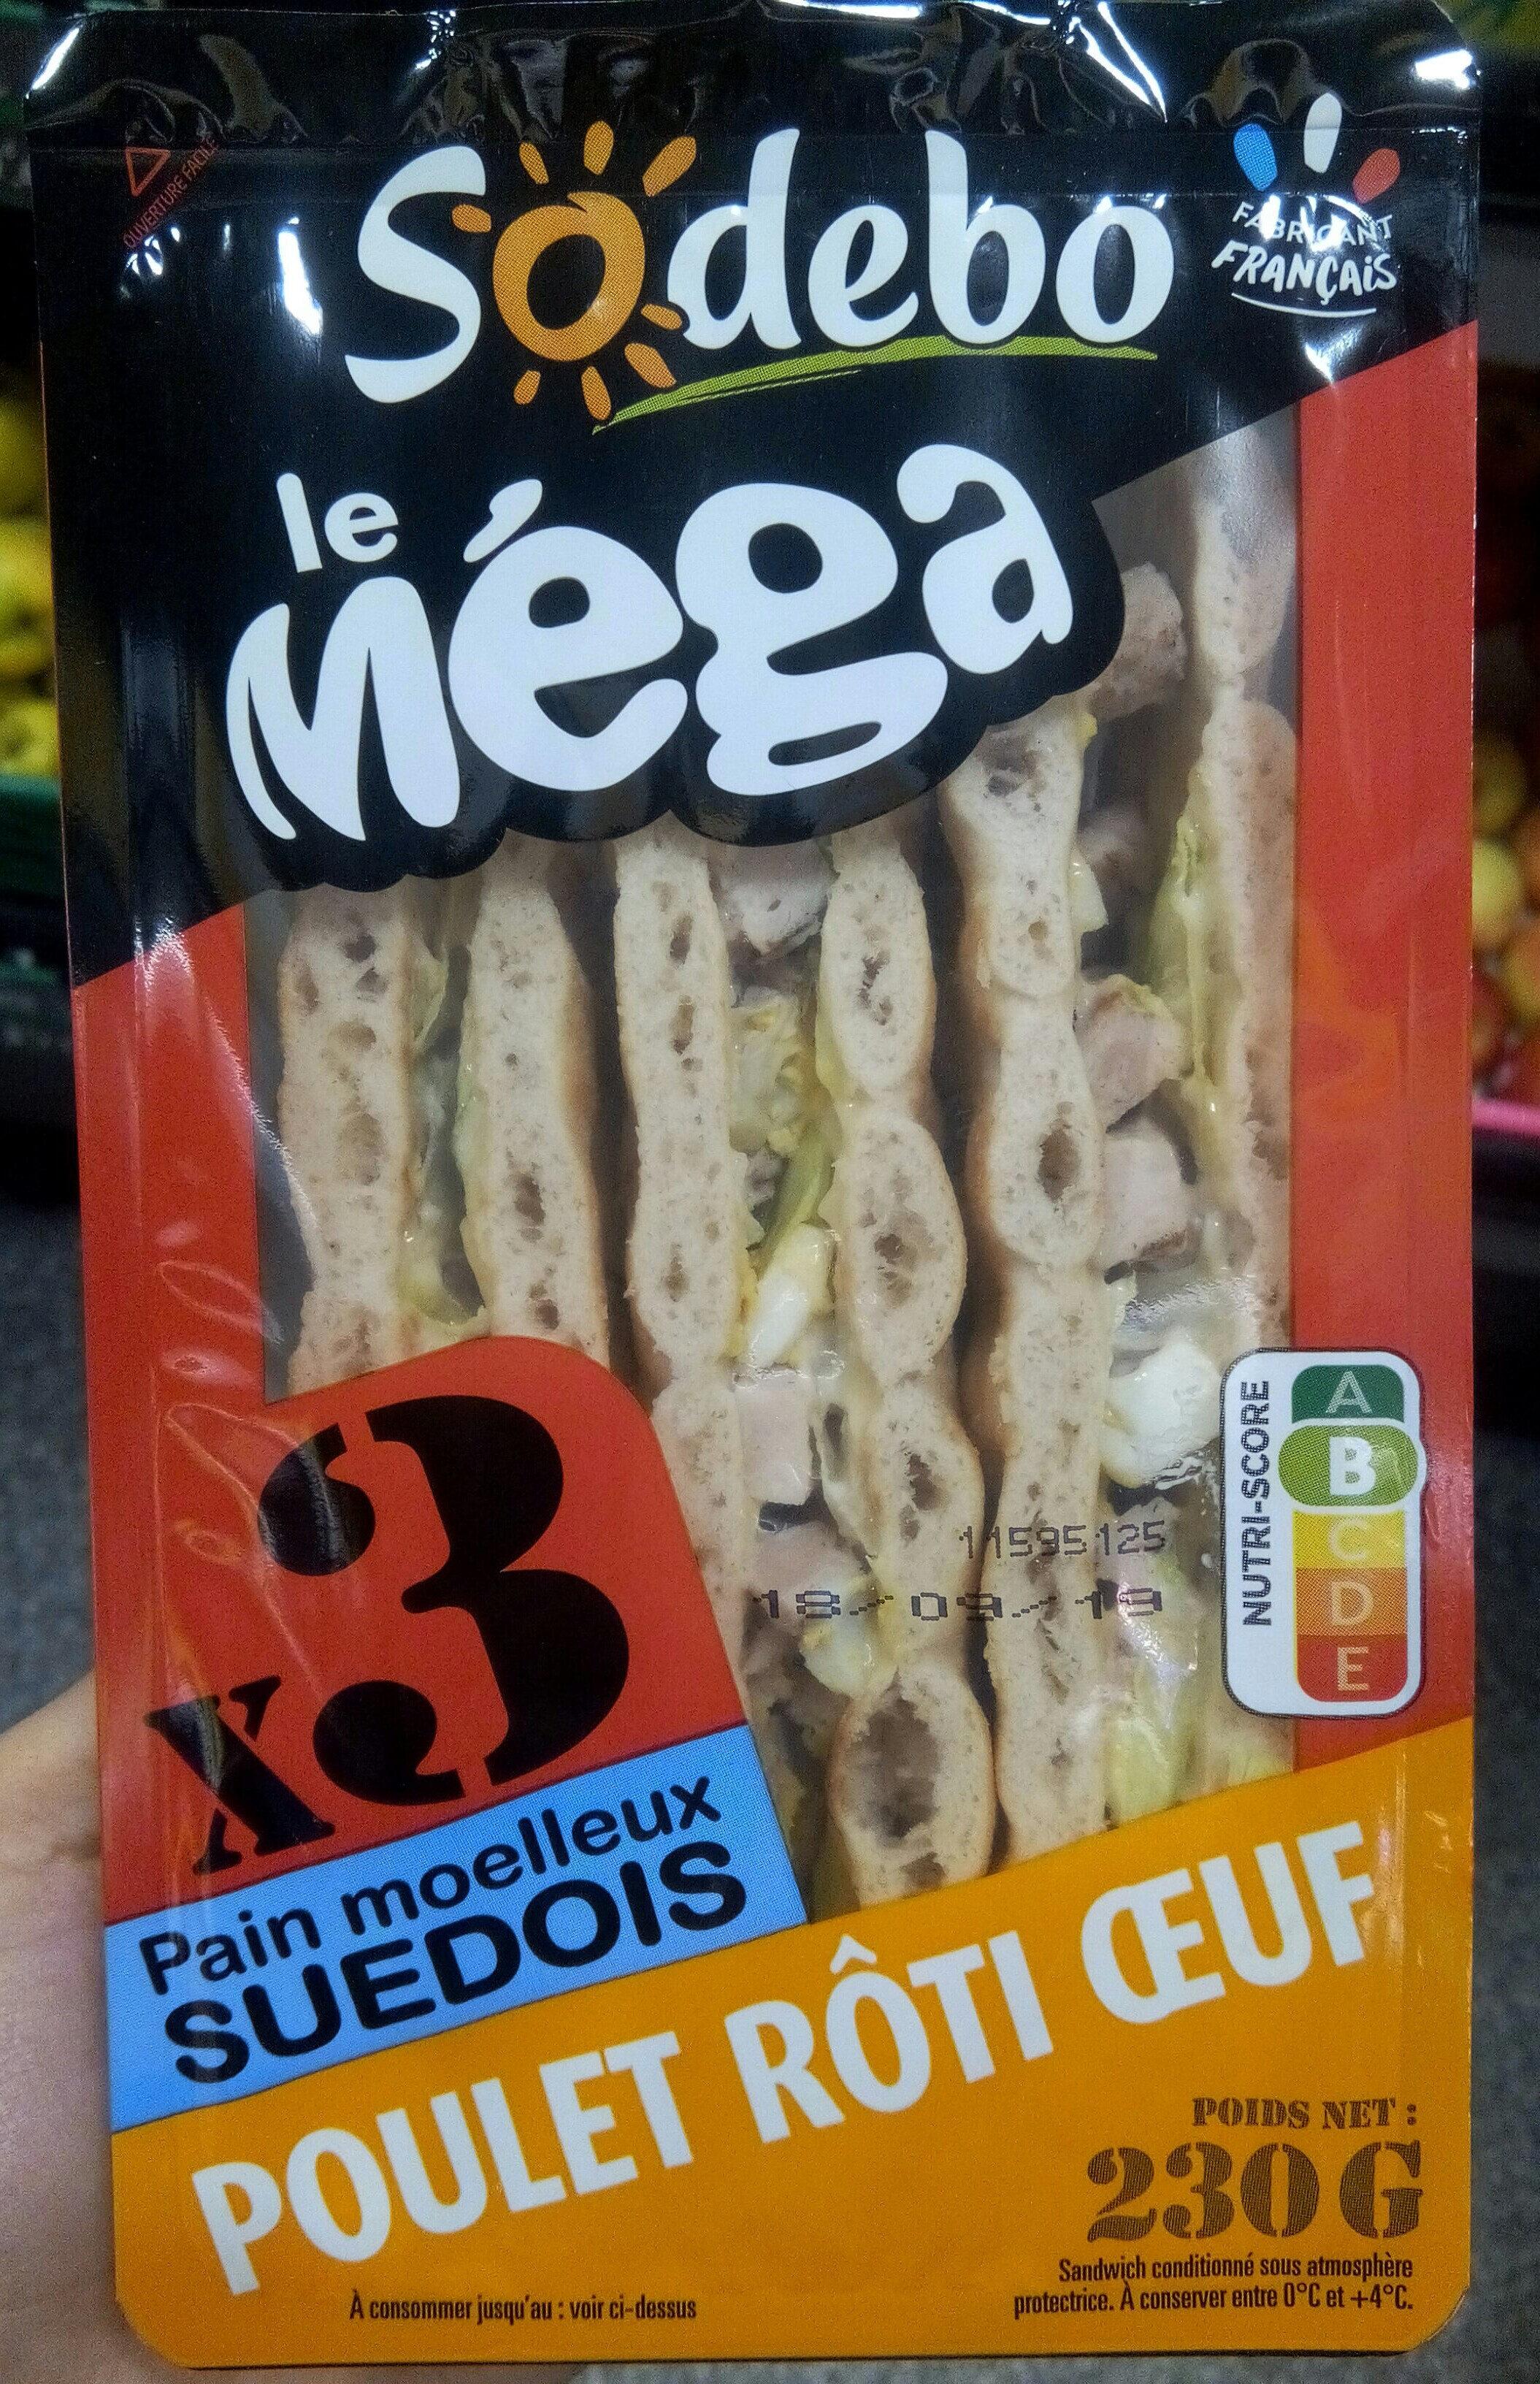 Sandwich Le Méga - Club - Poulet rôti Oeuf x3 / pain suédois - Product